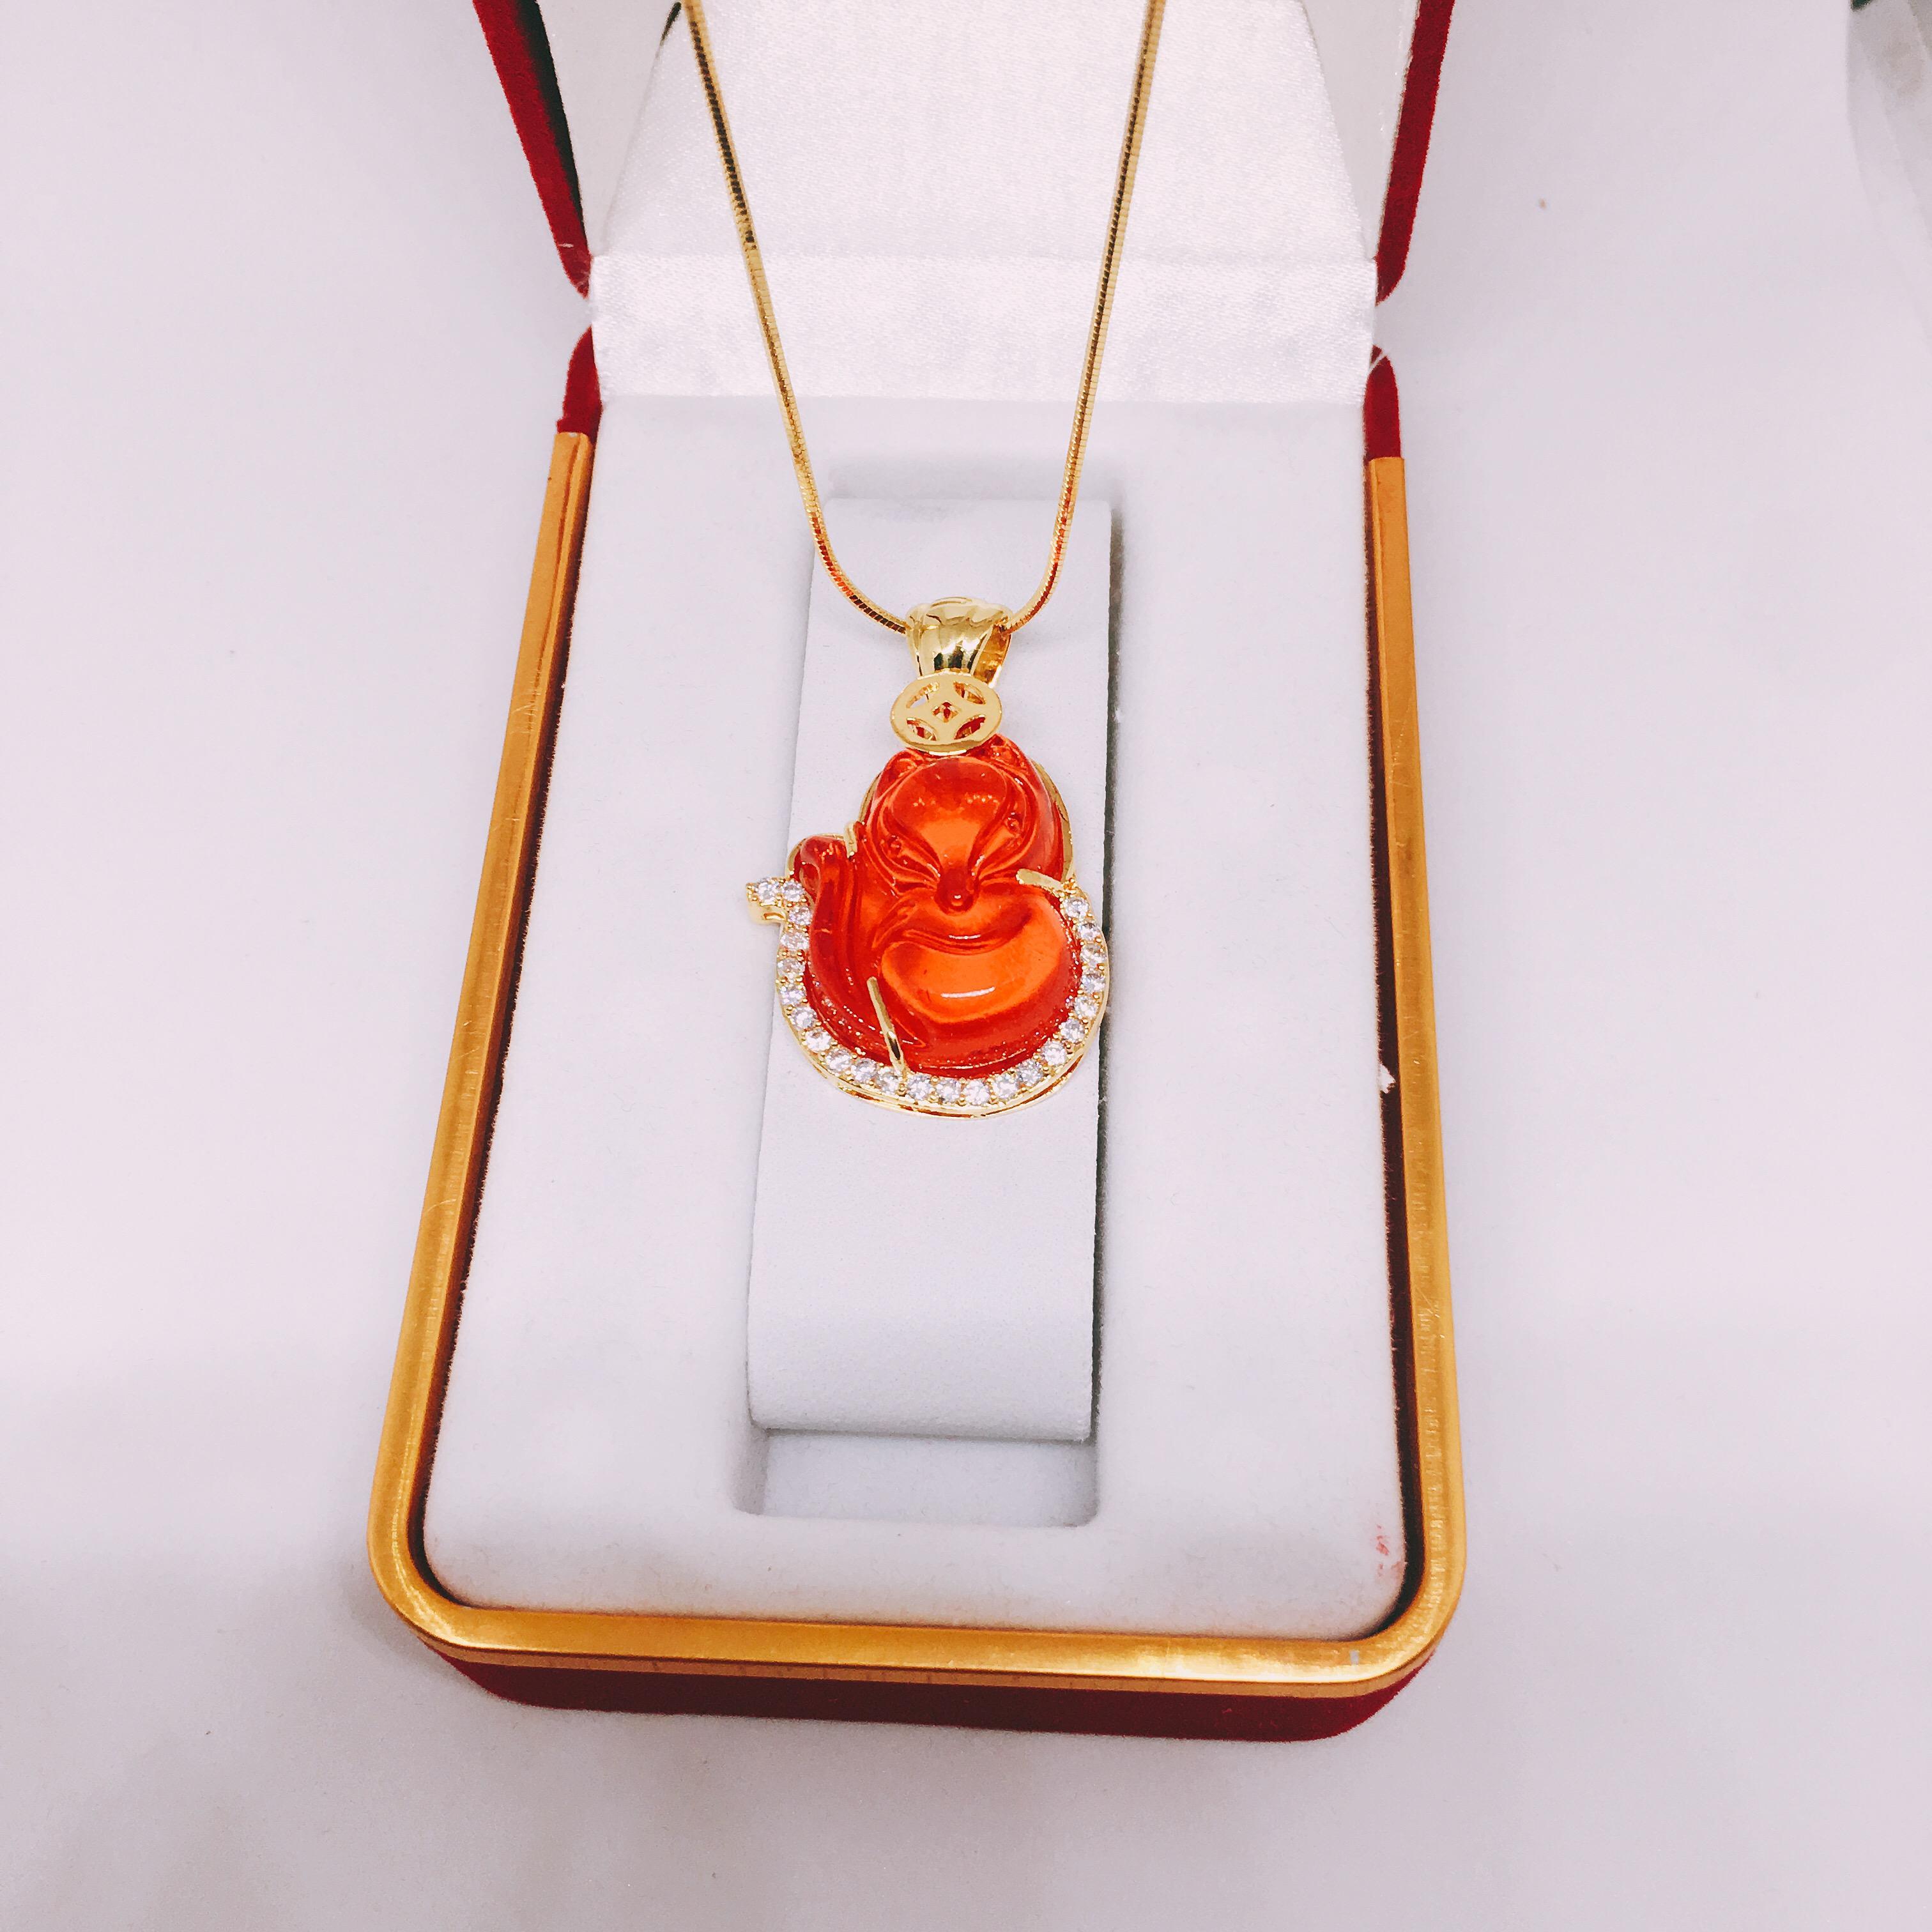 Dây chuyền nữ bạc Thái mạ vàng cao cấp + mặt phong thủy ( Hồ ly đỏ)